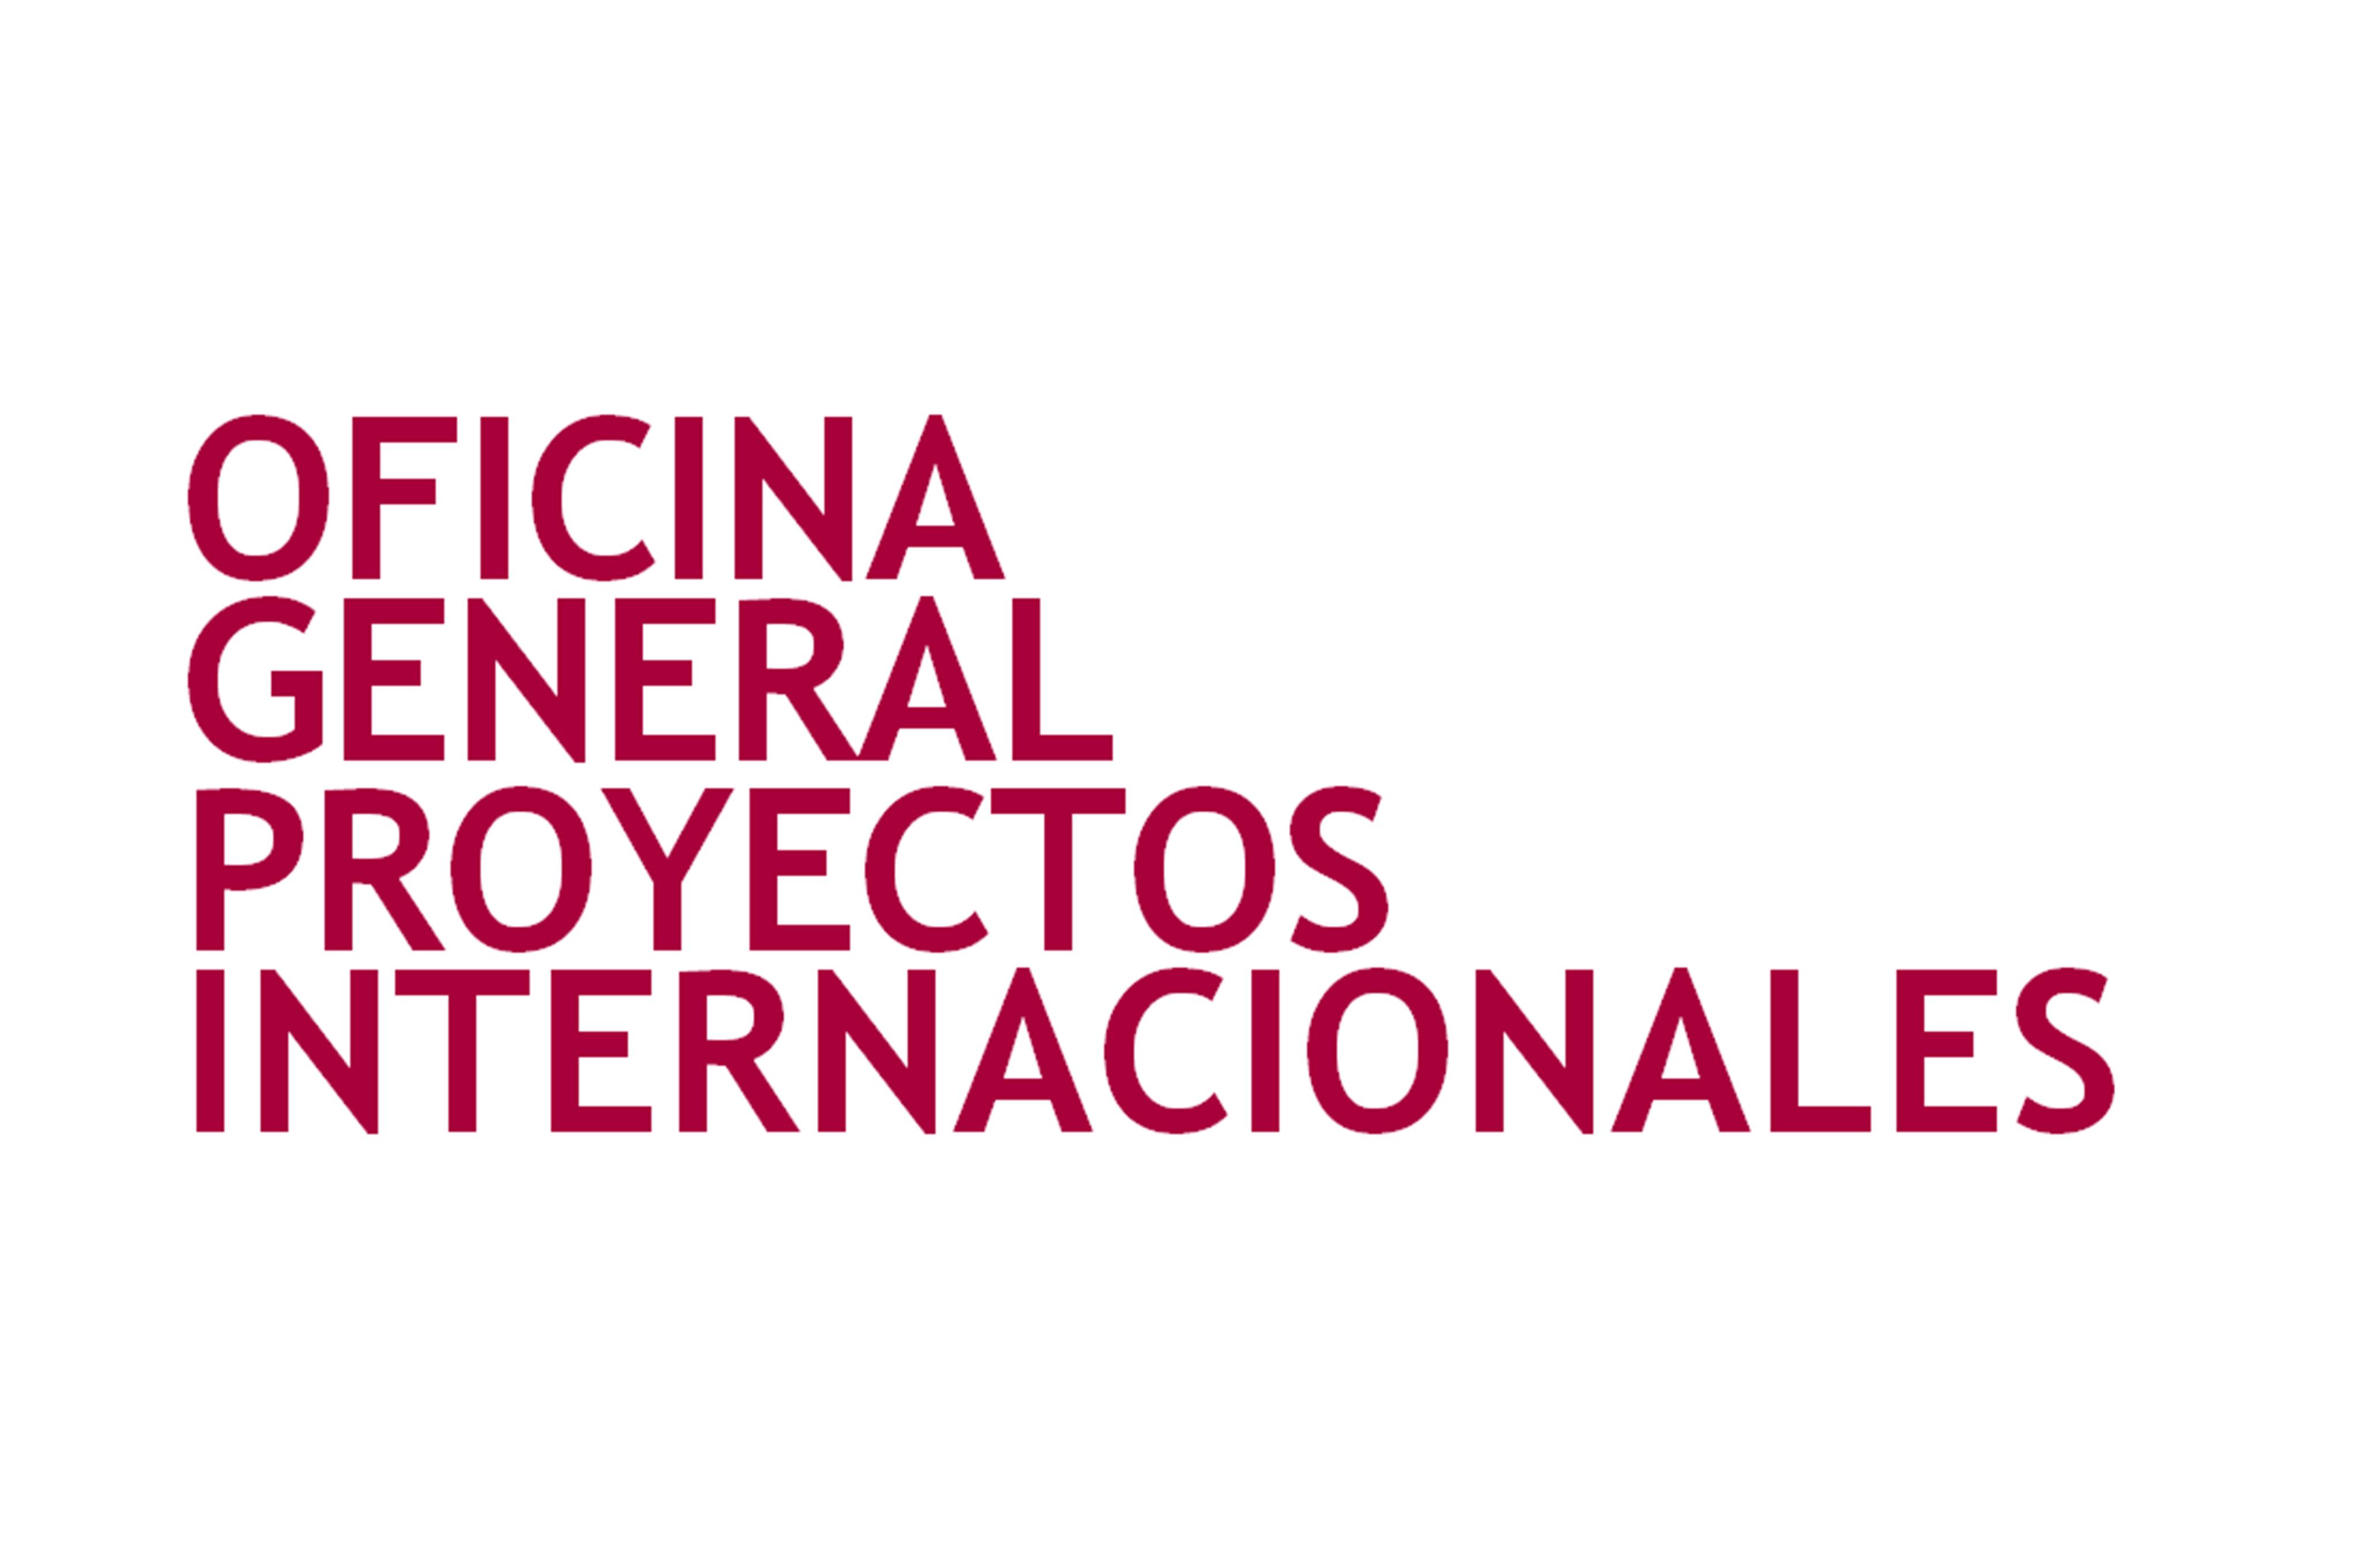 Oficina General Proyectos Internacionales (Universidad de Sevilla)